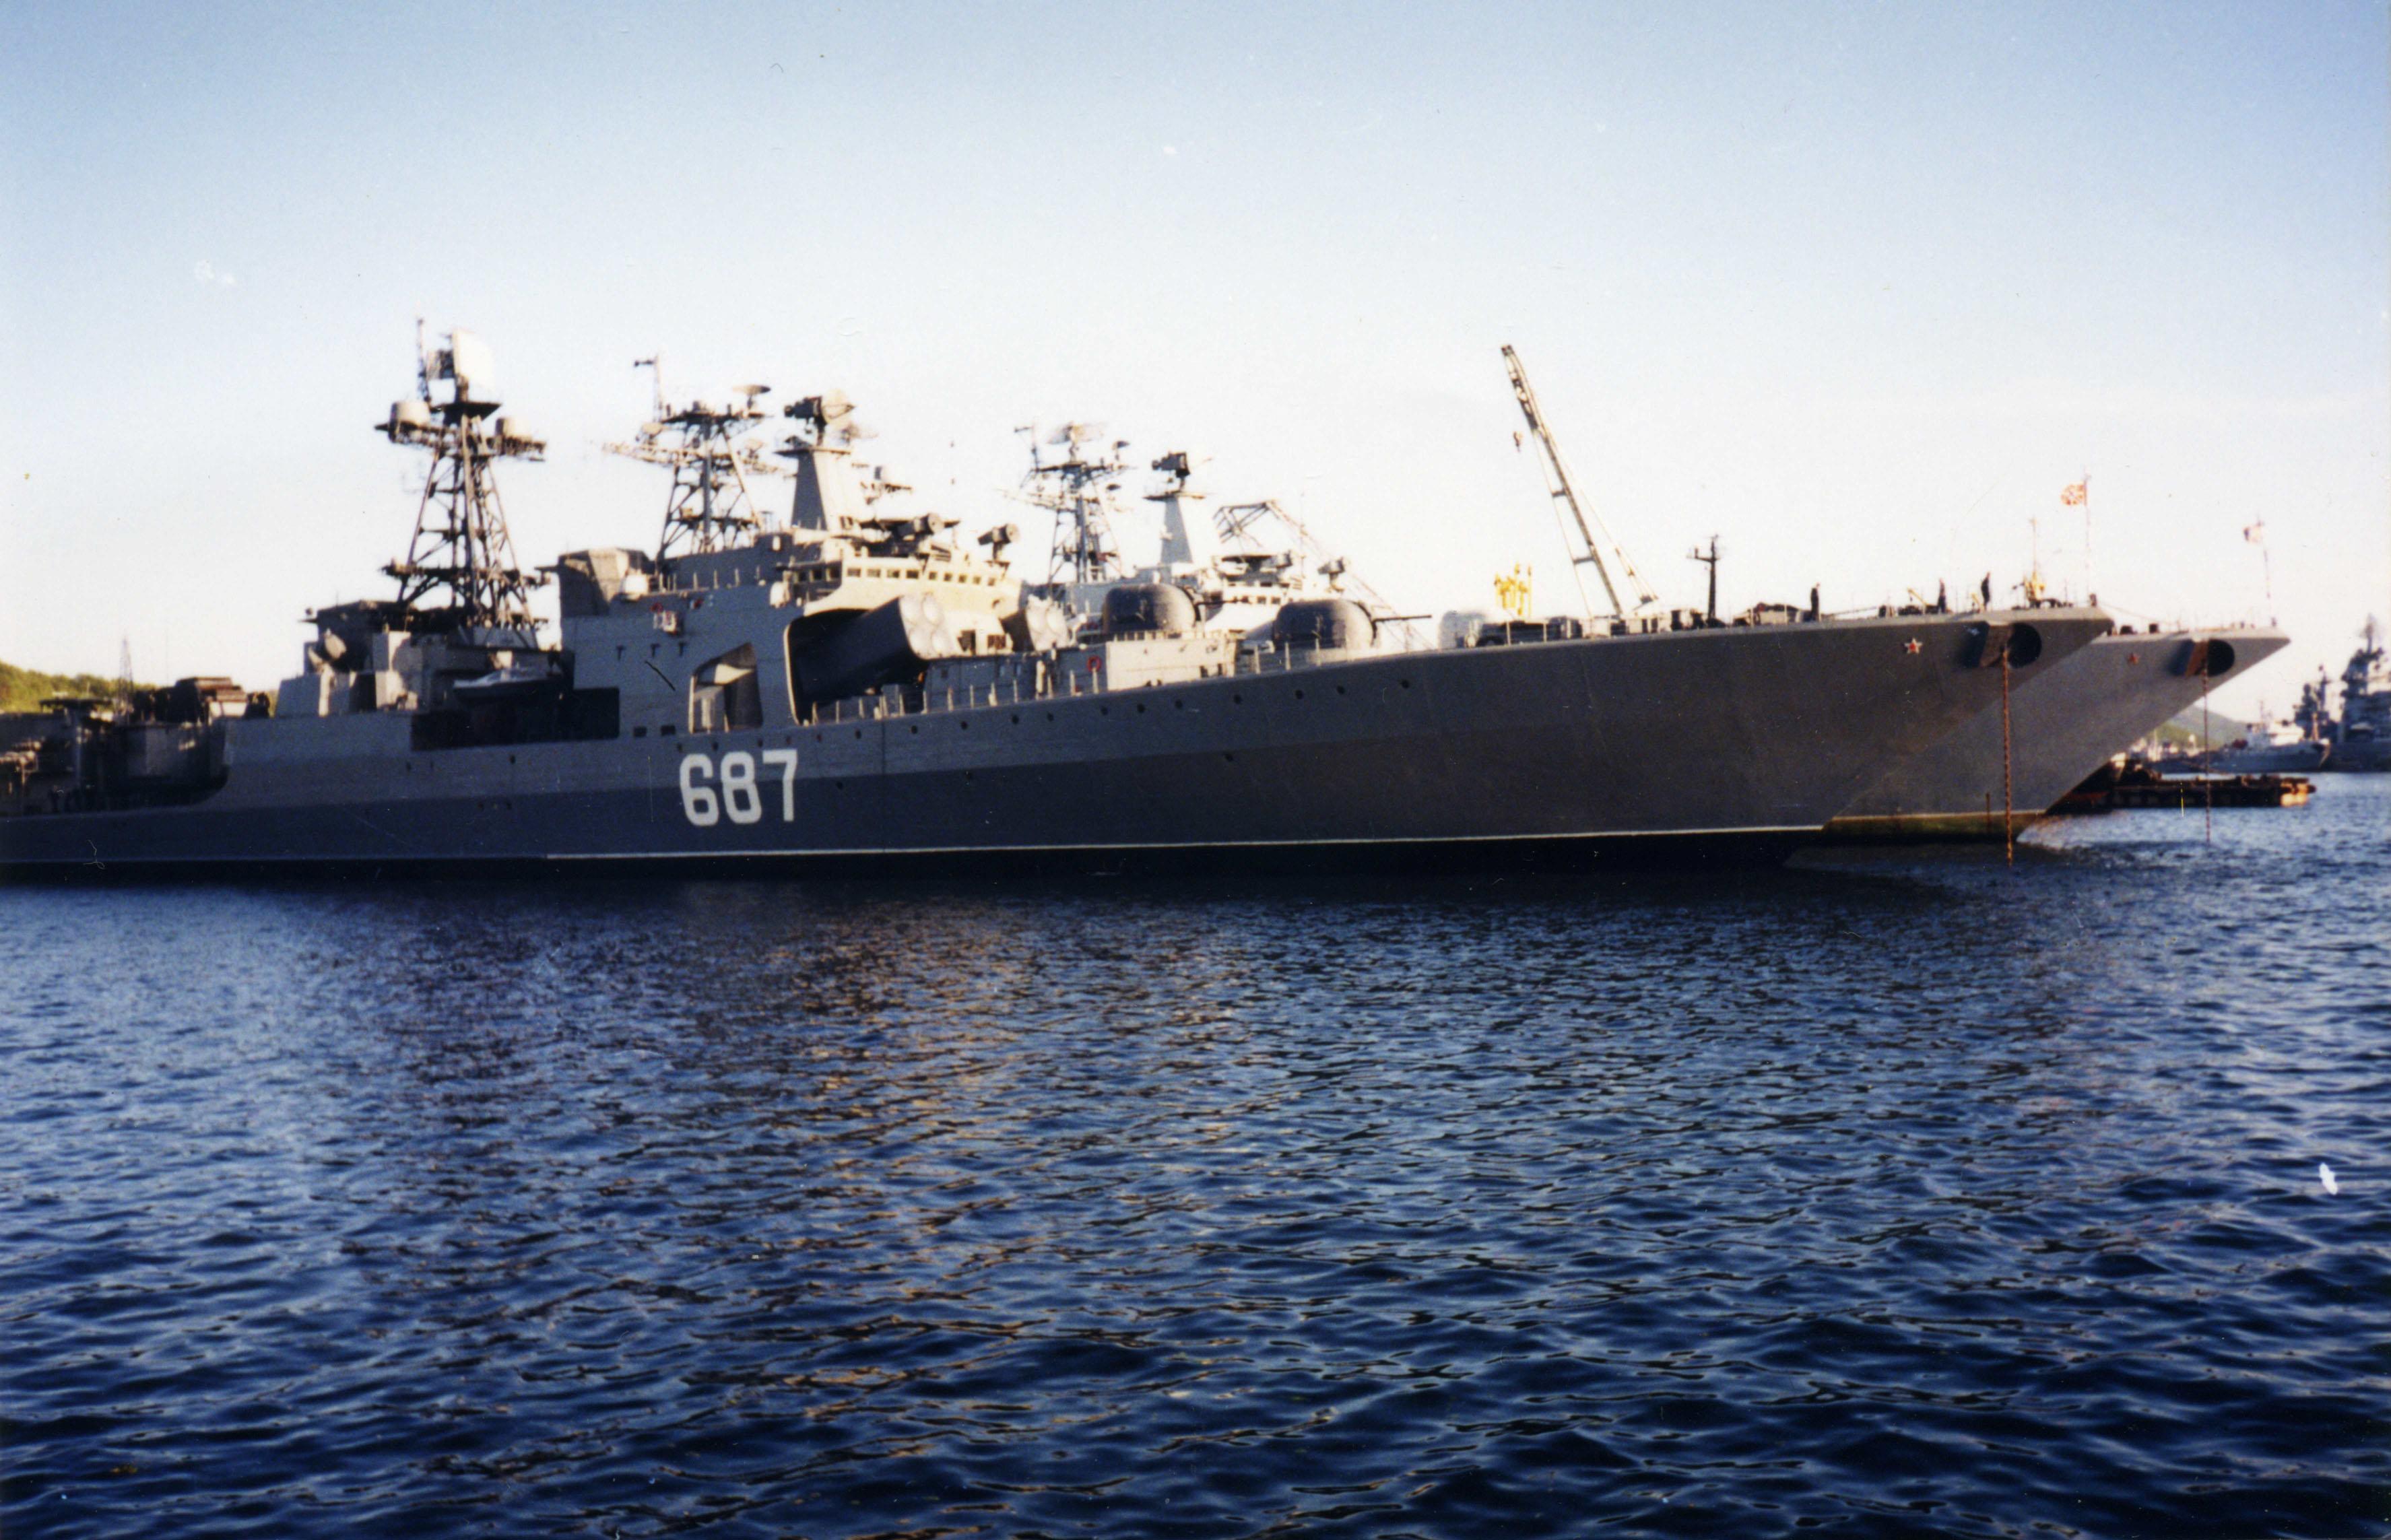 североморск большой противолодочный корабль